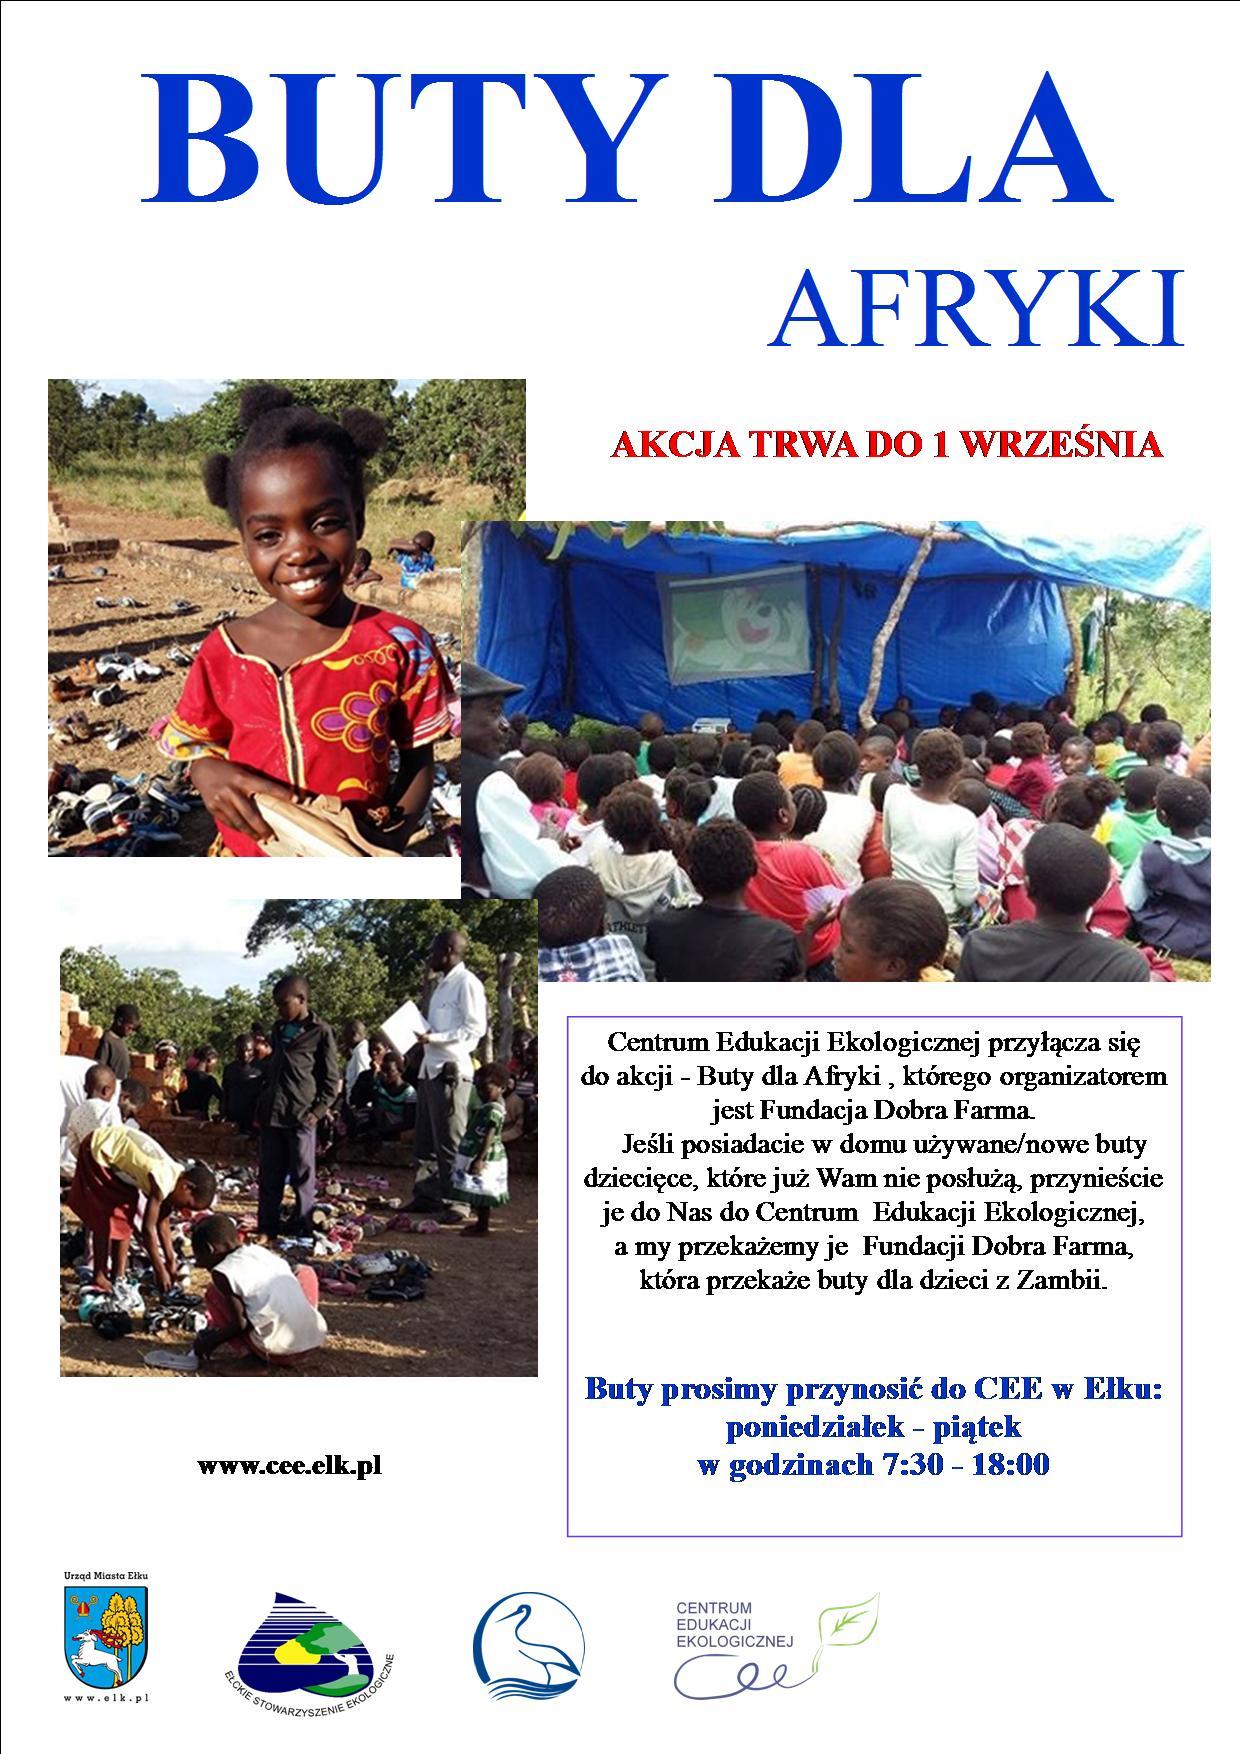 Buty Dla Afryki Centrum Edukacji Ekologicznej Elk